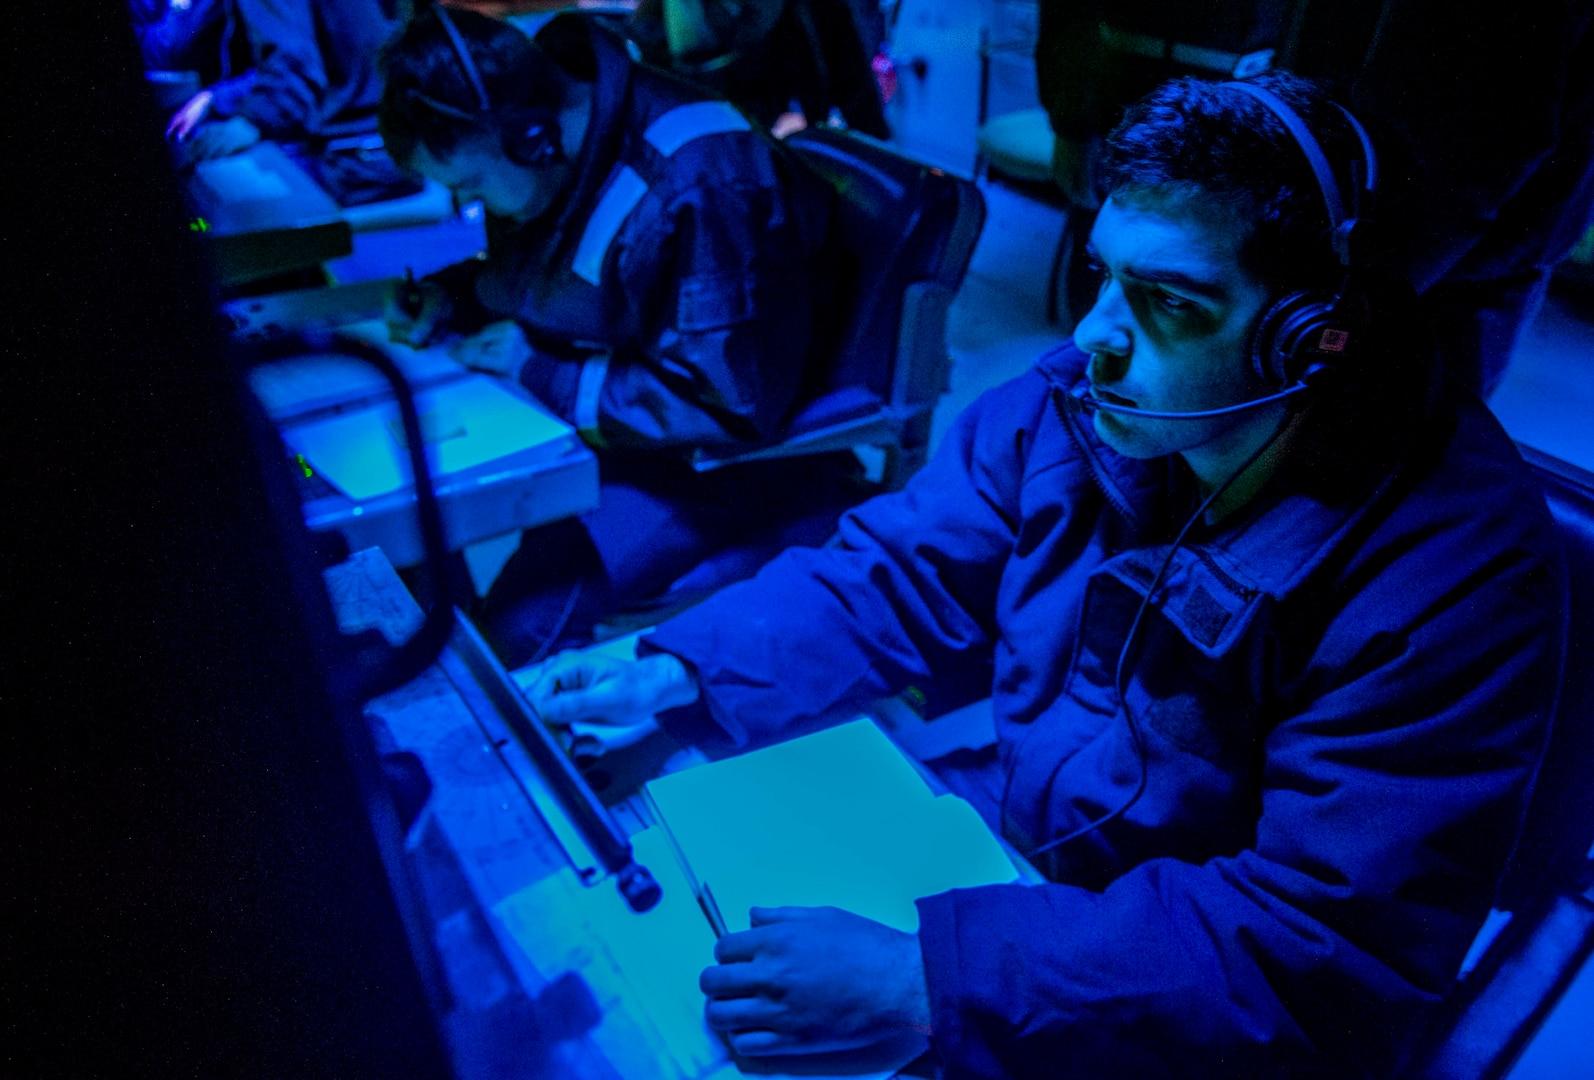 A U.S. Navy Sonar Technician monitors sonar equipment.